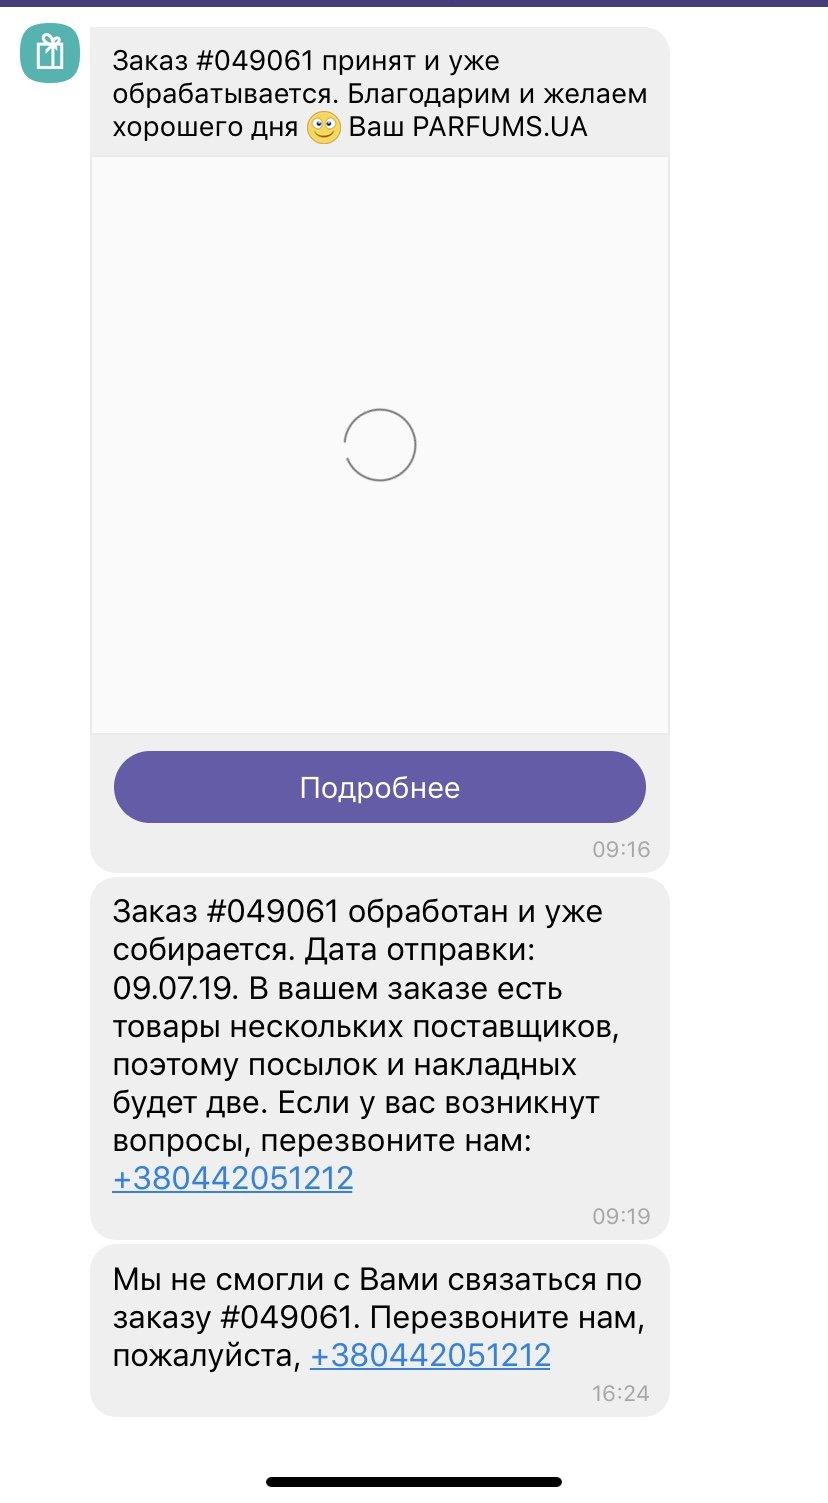 e385d4aa4a806 Интернет-магазин PARFUMS.UA отзывы - ответы от официального ...